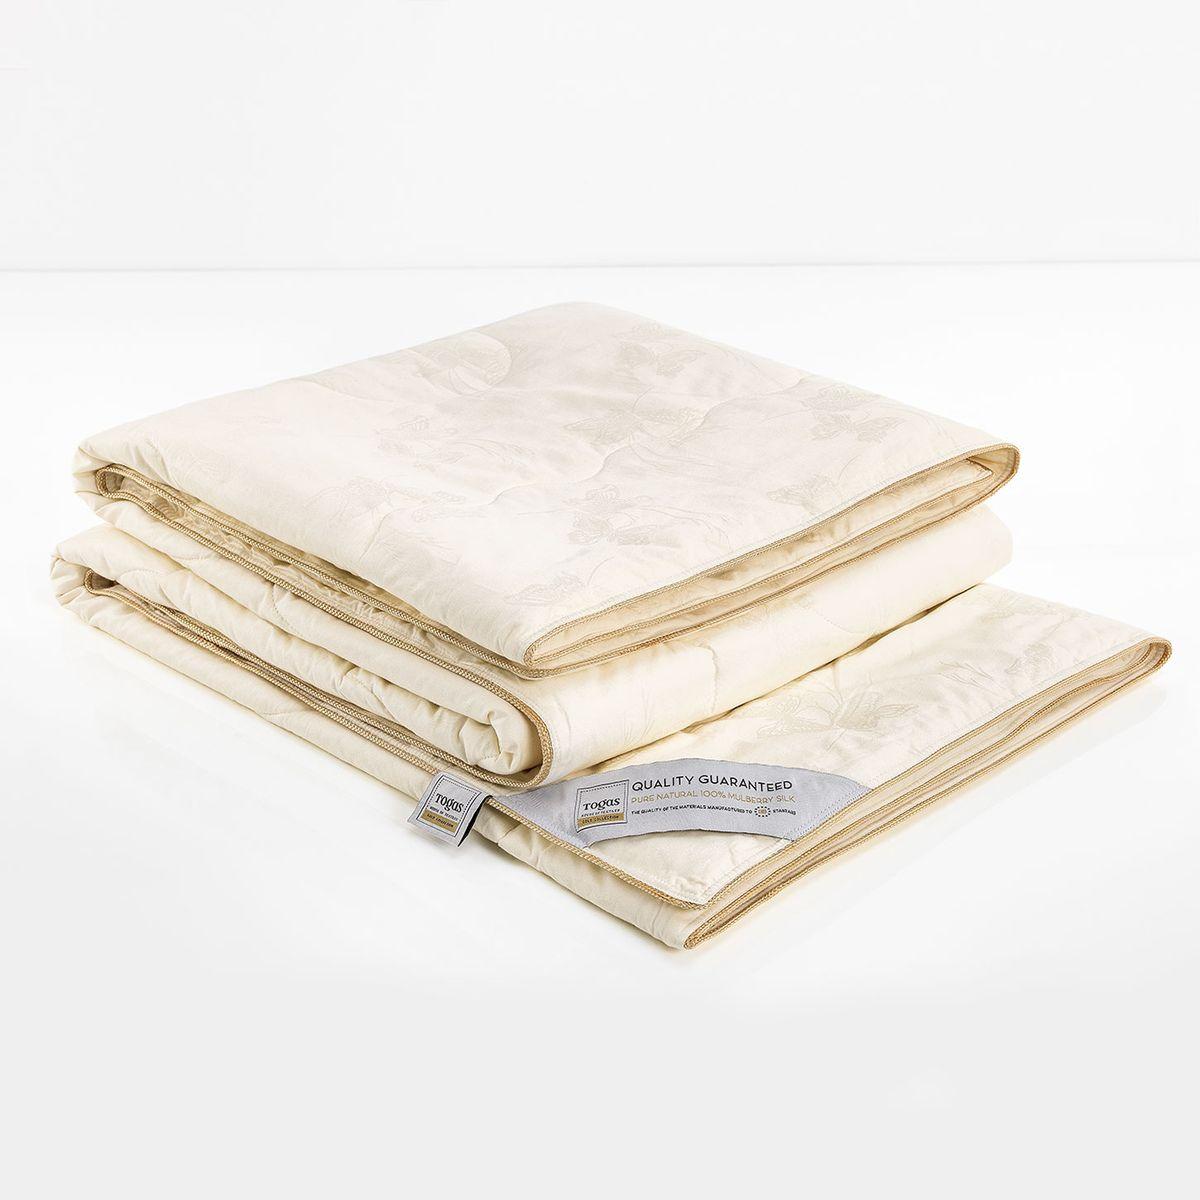 """Одеяло Баттерфляй шелк в сатине, 140 х 200 см. 47.5647.56Одеяло """"Шелк в сатине» - настоящий подарок для перфекционистов и утонченных ценителей красоты. Роскошный сатин, из которого выполнен чехол, по праву считается «королем» хлопка. Изысканный глянец, позволяющий сравнить его с шелком, достигается благодаря особому переплетению волокон, придающему ткани шелковистую мягкость и прочность. Он прост в уходе и почти не мнется. Такой чехол, без сомнения, достоин своего драгоценного содержимого! Наполнитель из натурального шелка сорта Малбери отличается особой мягкостью и абсолютной невесомостью."""